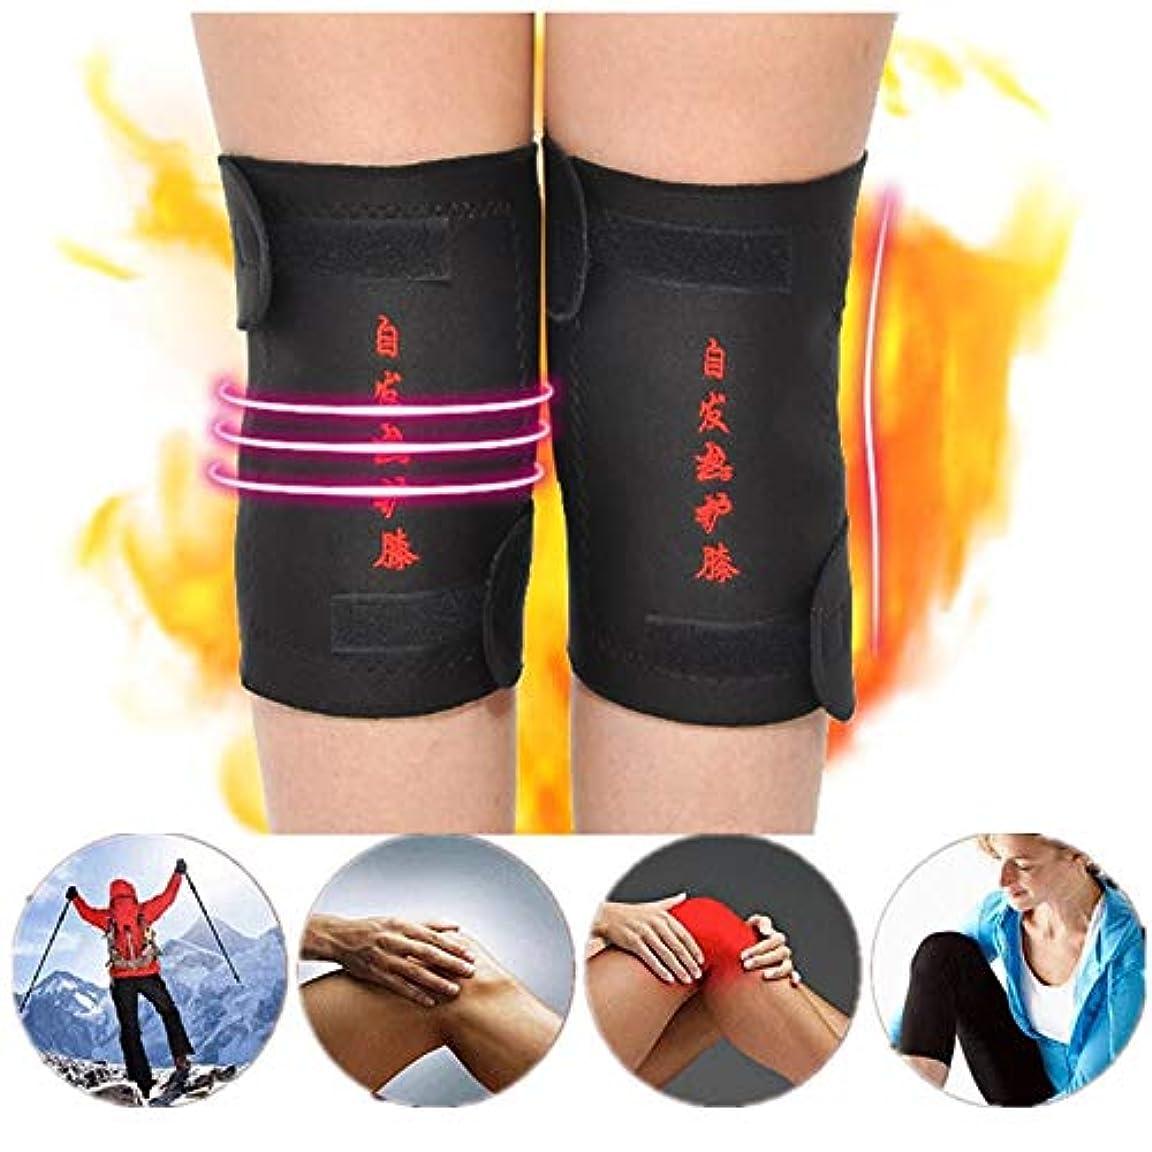 コントラスト哲学的ビデオ1 ペア 毎日健康 ケア 膝の痛み救済傷害捻挫自己加熱された膝 パッド 付き磁気治療内部加熱膝 パッド